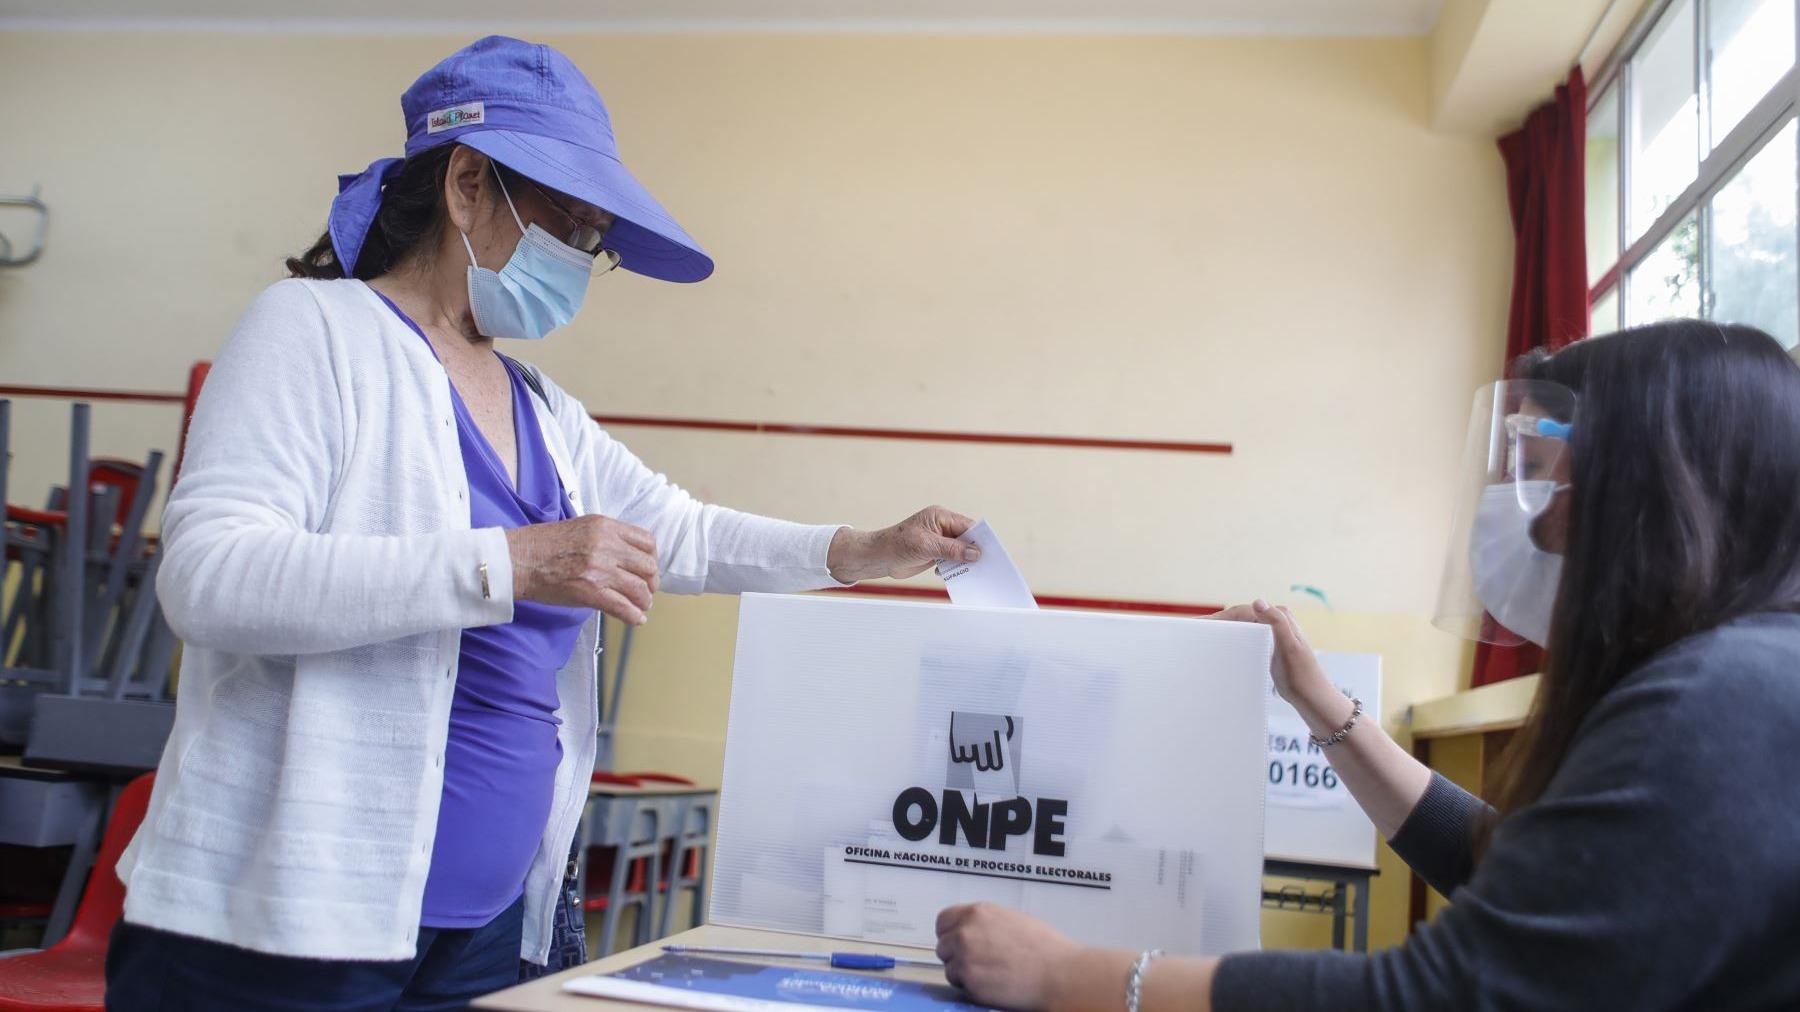 Entrevista a Piero Corvetto, jefe de la ONPE, sobre las elecciones generales del 11 de abril.